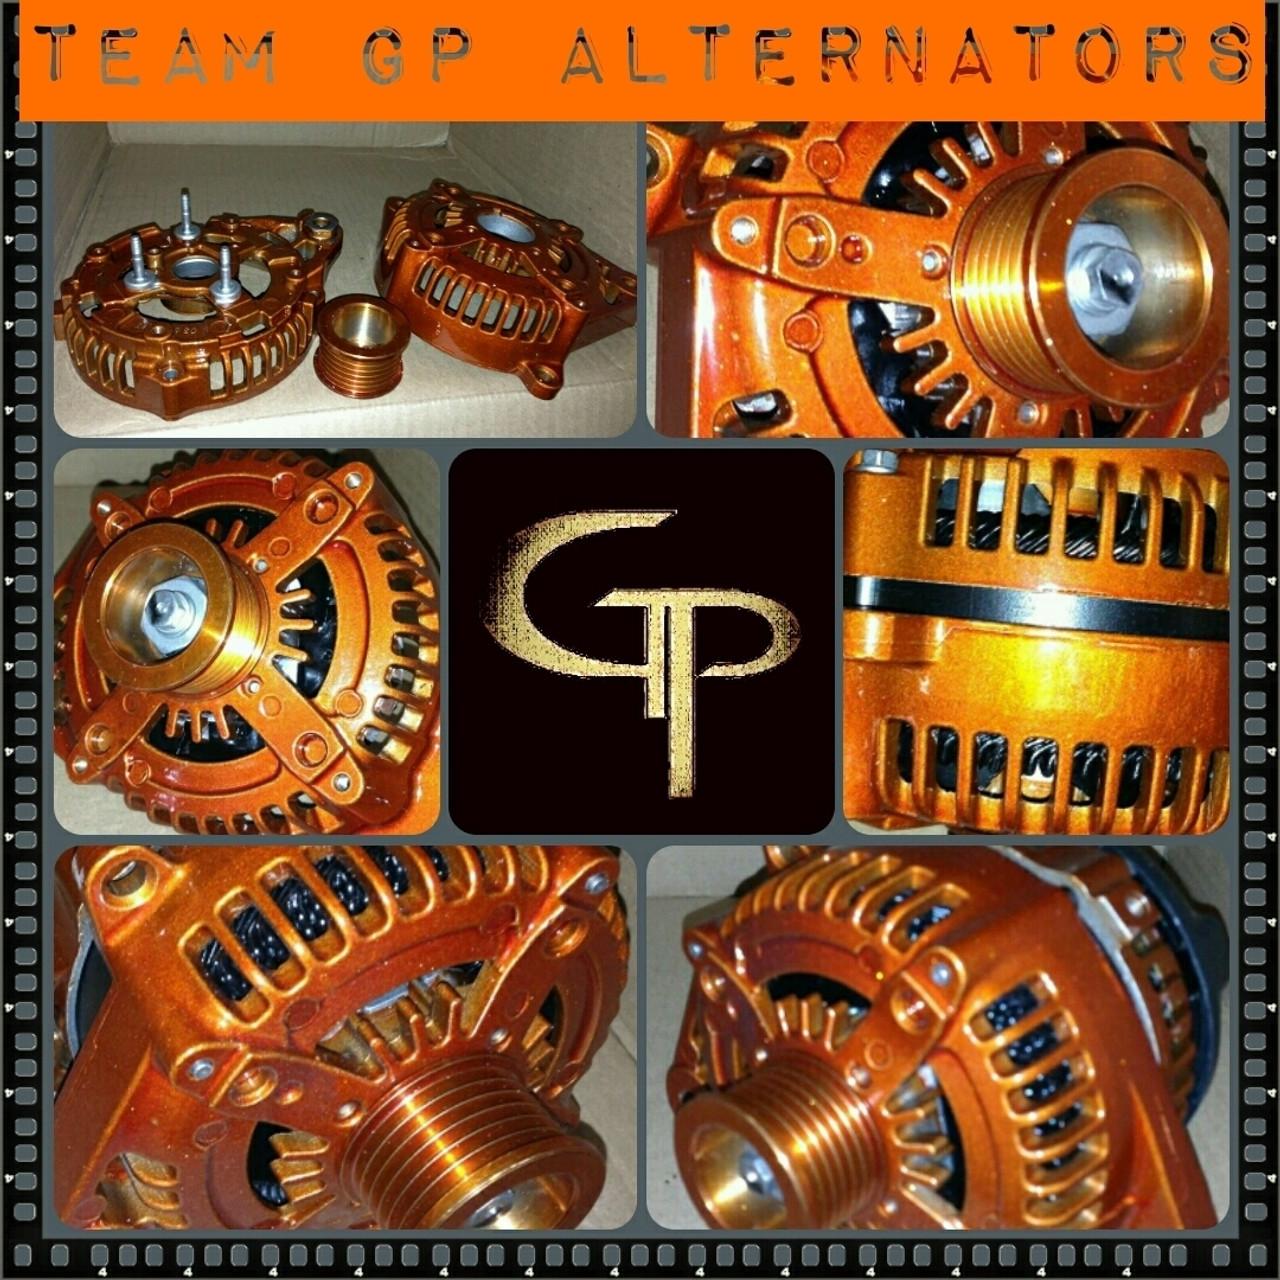 TOYOTA HIGHLANDER 2.4 -2001-2007- 300AMP TEAM GP Alternator